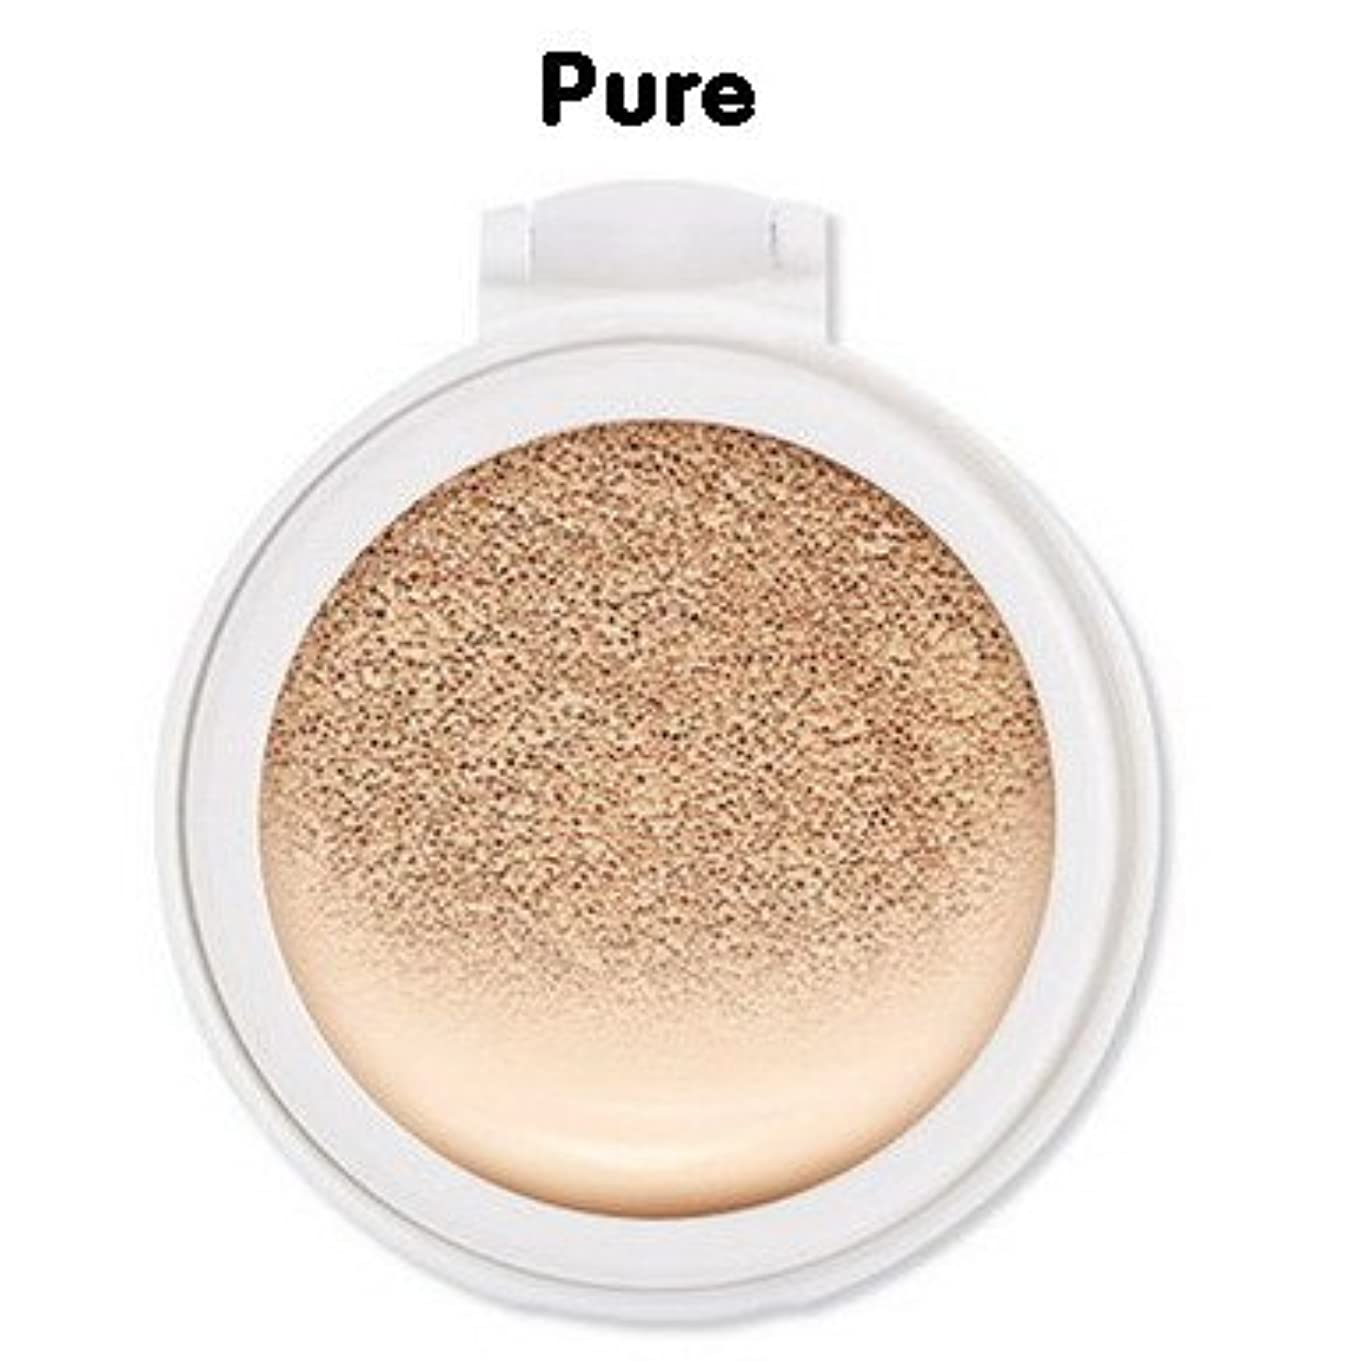 【ETUDE HOUSE(エチュードハウス)】エニクッション オールデーパーフェクト15g (リフィル) (SPF50+/ PA+++) (6カラー選択1) (Pure) [並行輸入品]